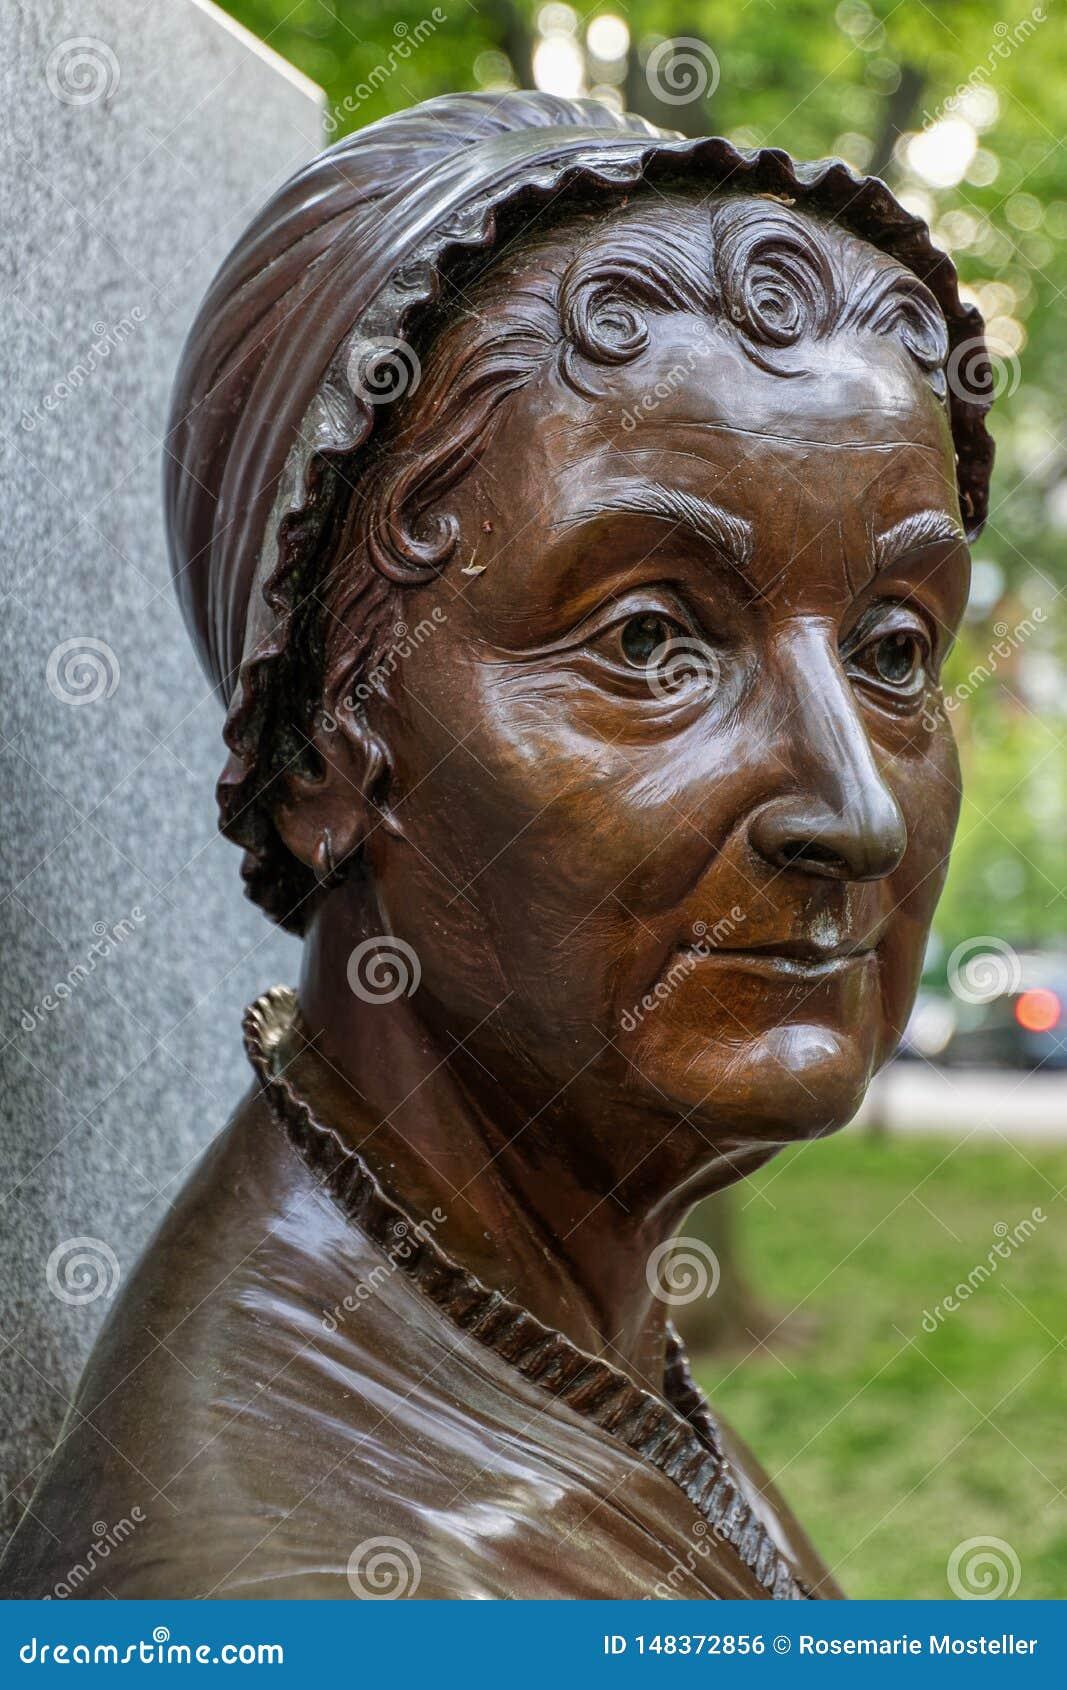 Stäng sig upp av en bronsstaty av Abigail Adams